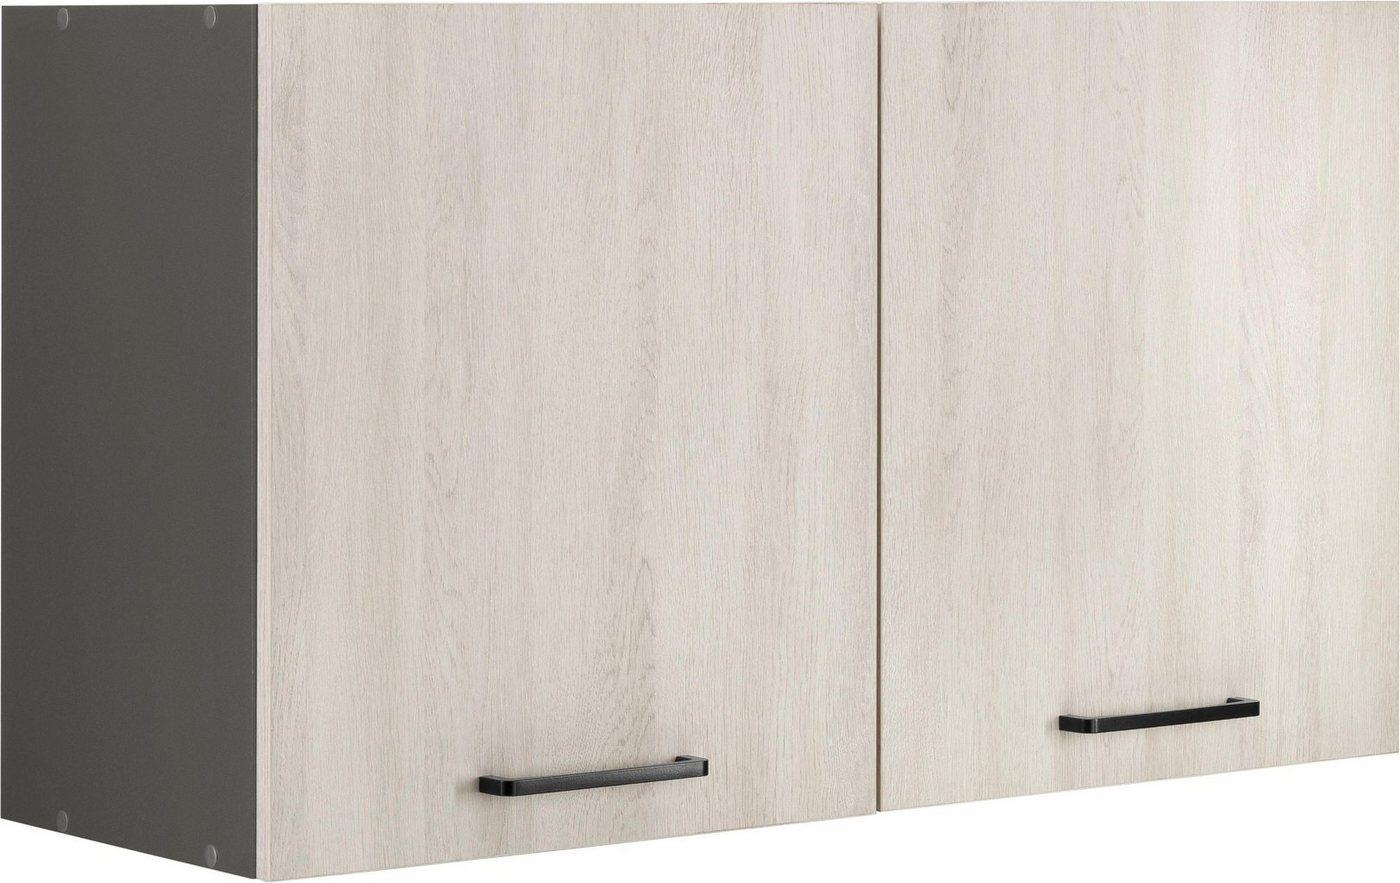 Wiho Küchen Hängeschrank »Esbo«, Breite 100 cm | Küche und Esszimmer > Küchenschränke > Küchen-Hängeschränke | Holzwerkstoff | wiho Küchen